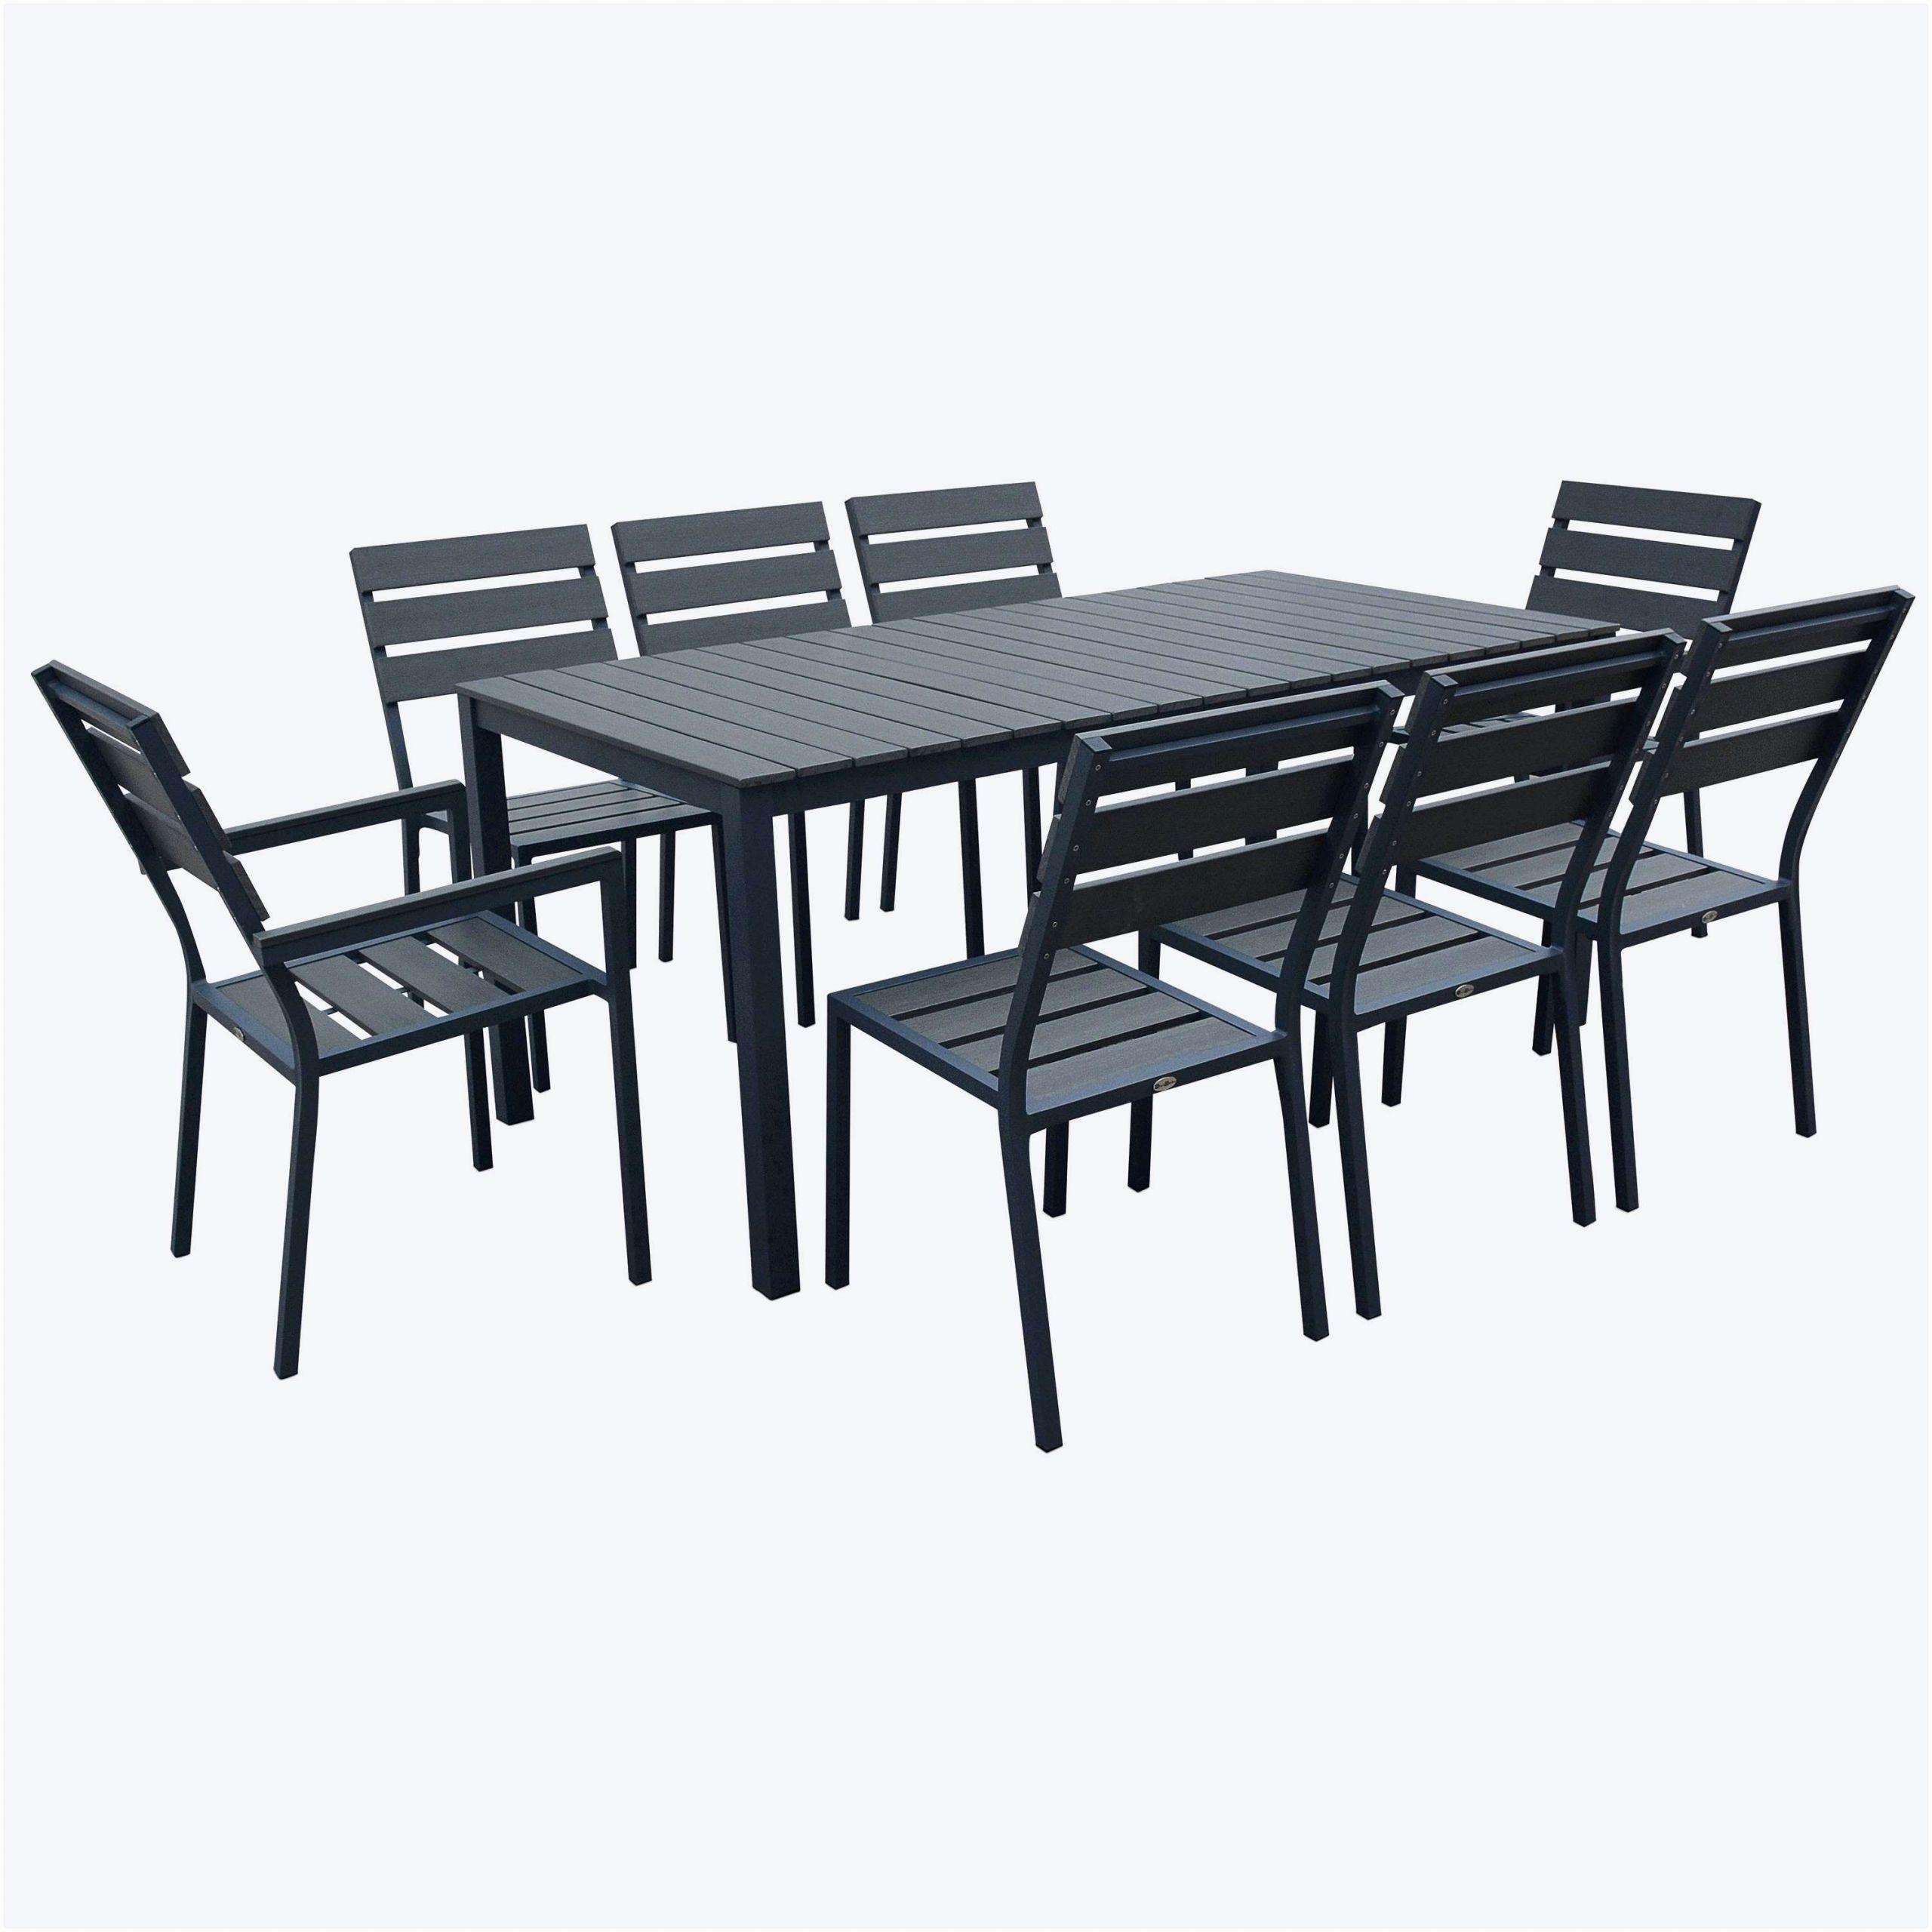 Petite Table Pliante Gifi pour Petite Table De Salon De Jardin